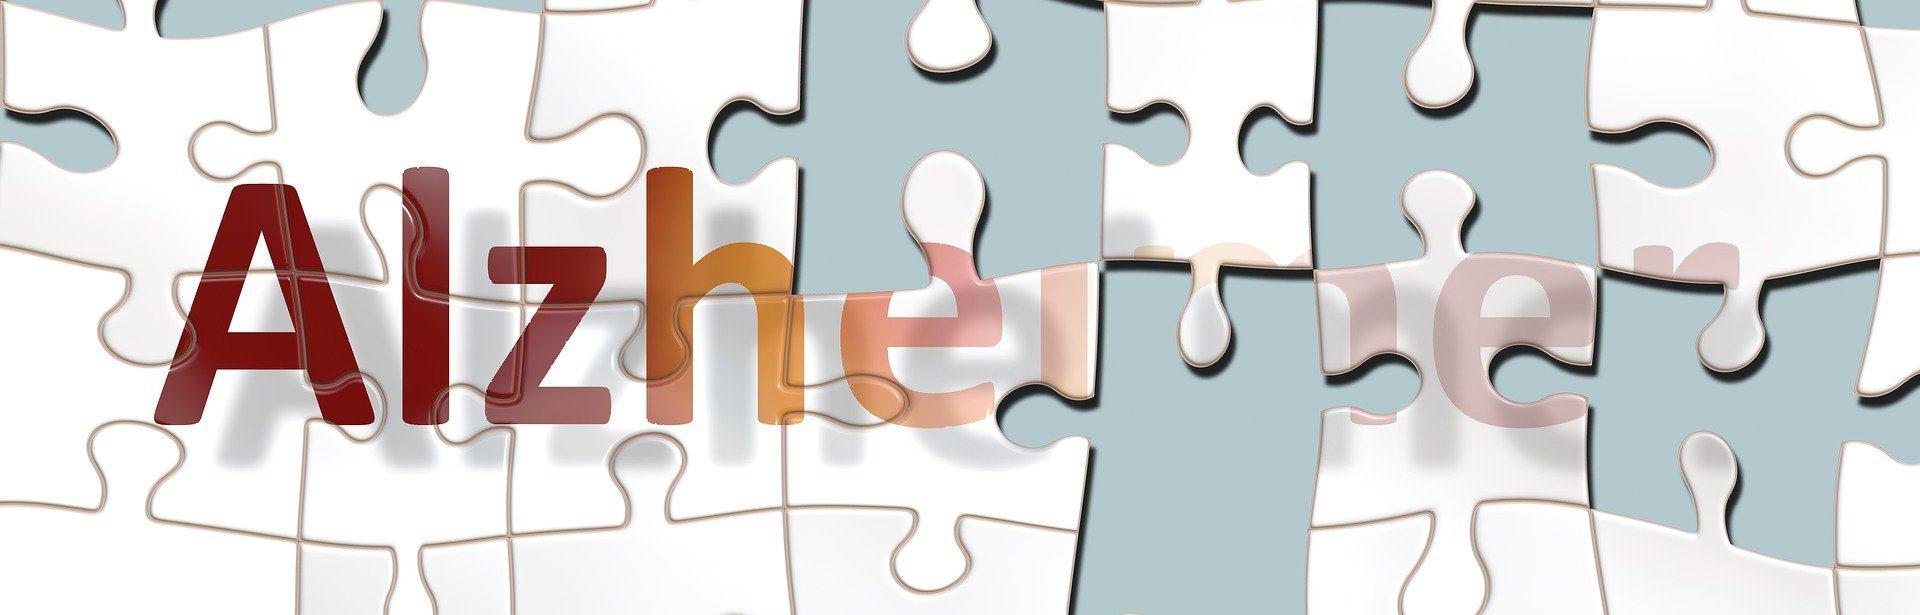 Javno online predavanje povodom Svjetskog dana Alzheimerove bolesti: 21. rujna 2021. godine u 13:00 sati